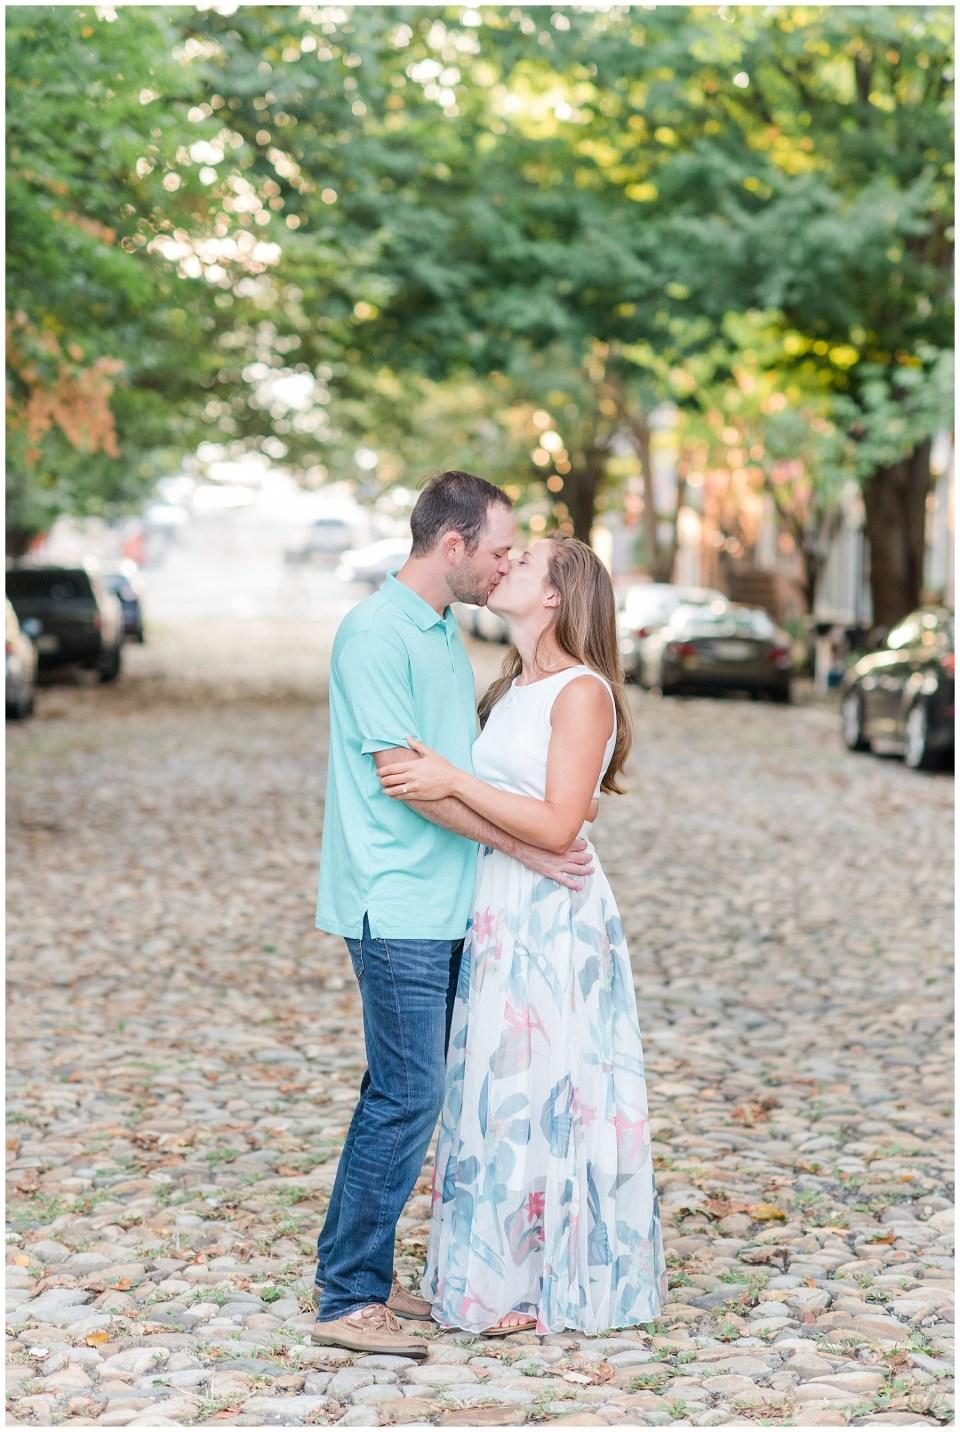 mary-kyle-engagement-photos-49_photos.jpg